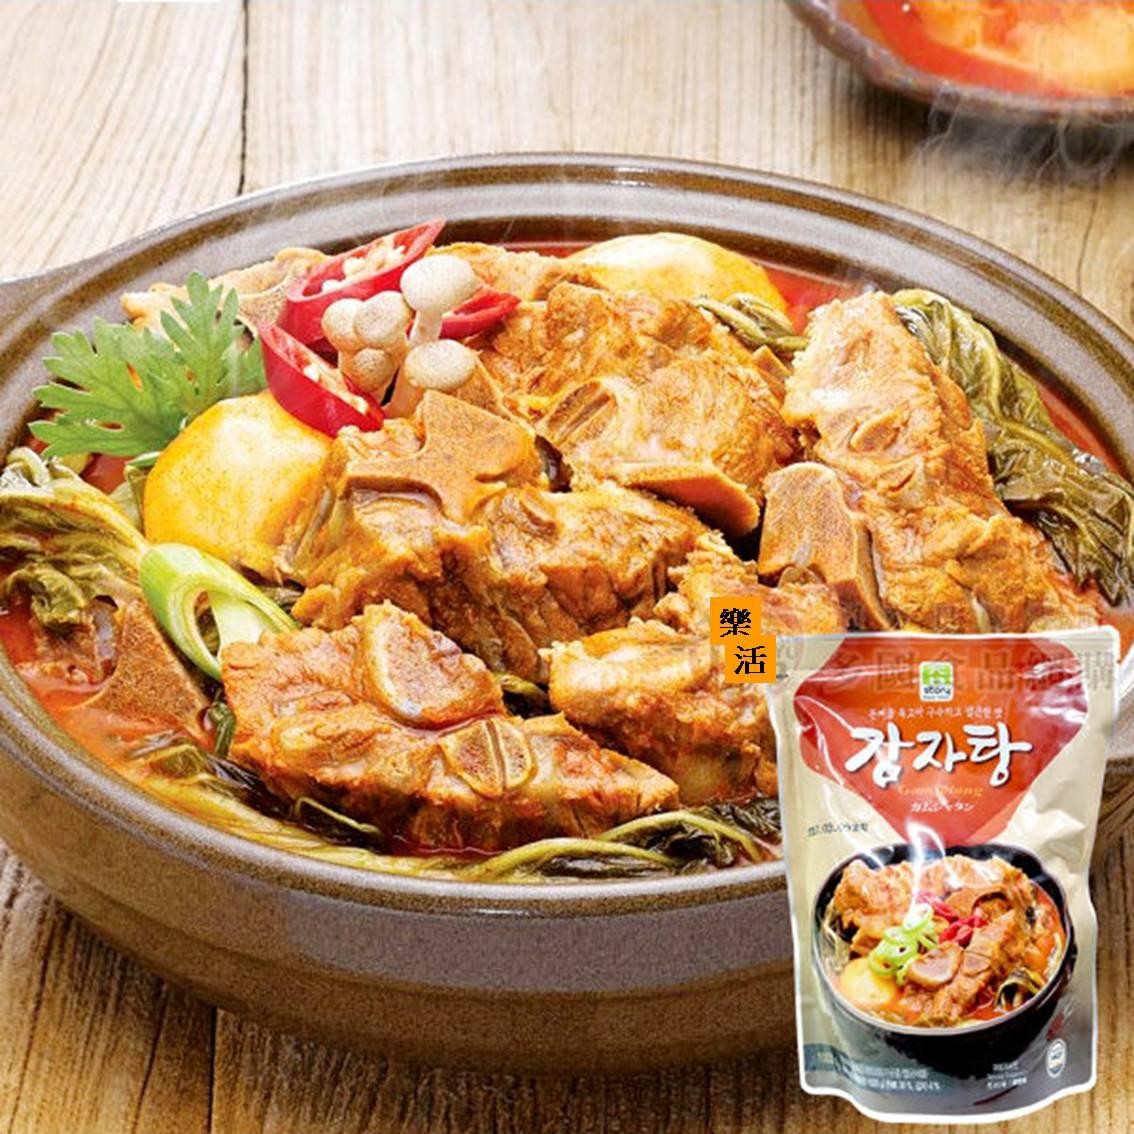 韓國 真韓馬鈴薯豬骨湯1000g 速食調理包  樂活生活館